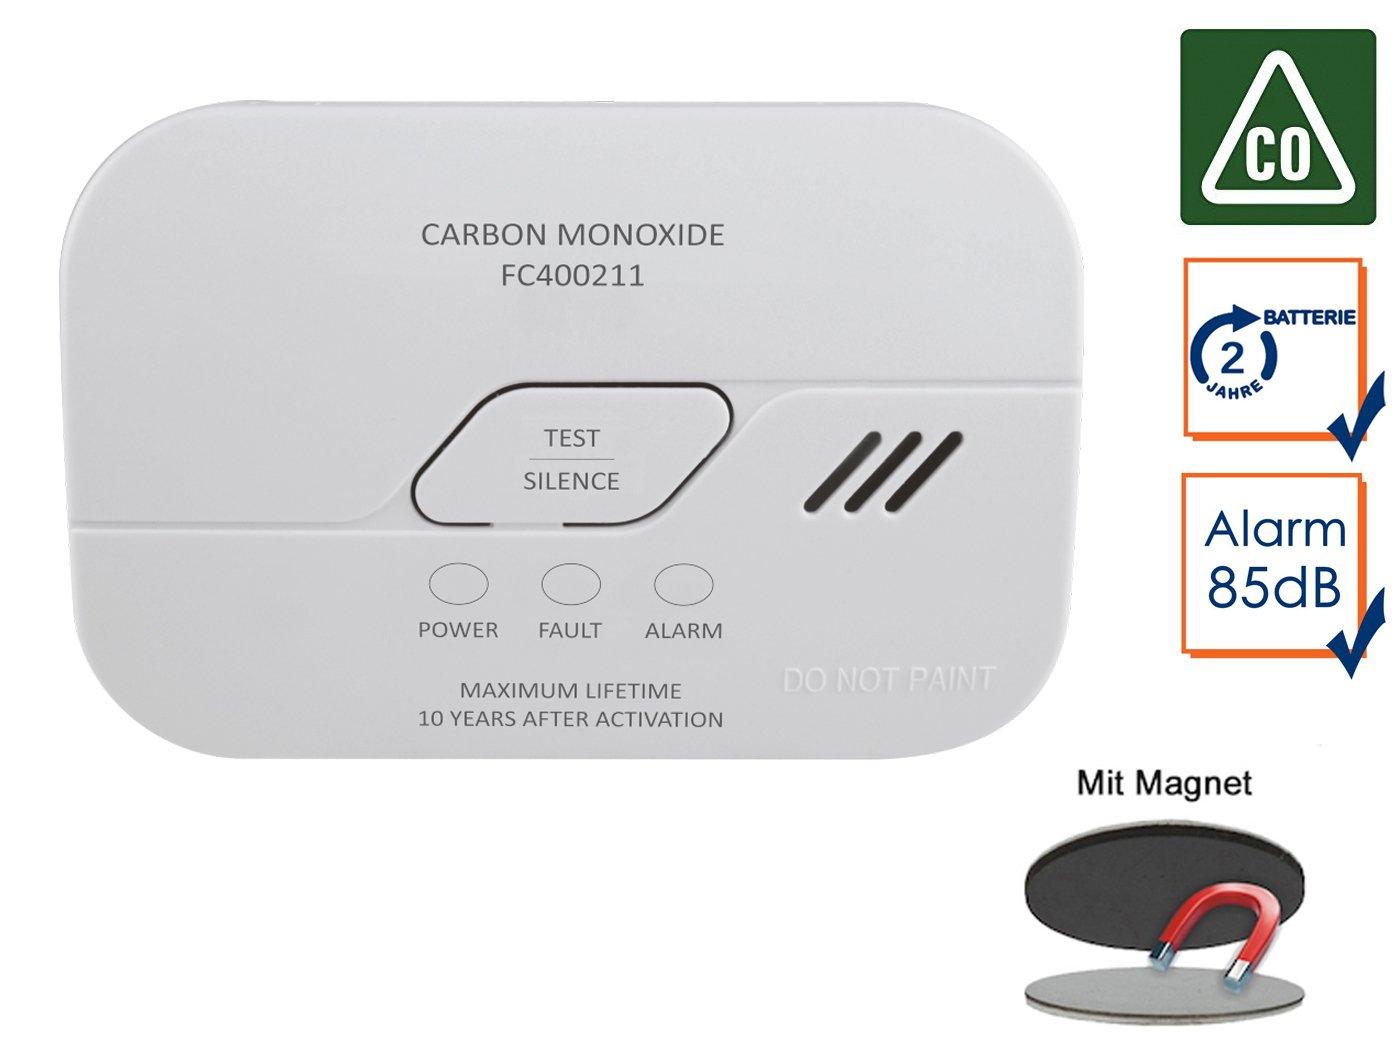 Elro - Detector de Monóxido de Carbono con Batería de 2 Años, Detector de Monóxido de Carbono, 10 Años Sensor con Práctica Easy & Clean magnético Montaje: ...